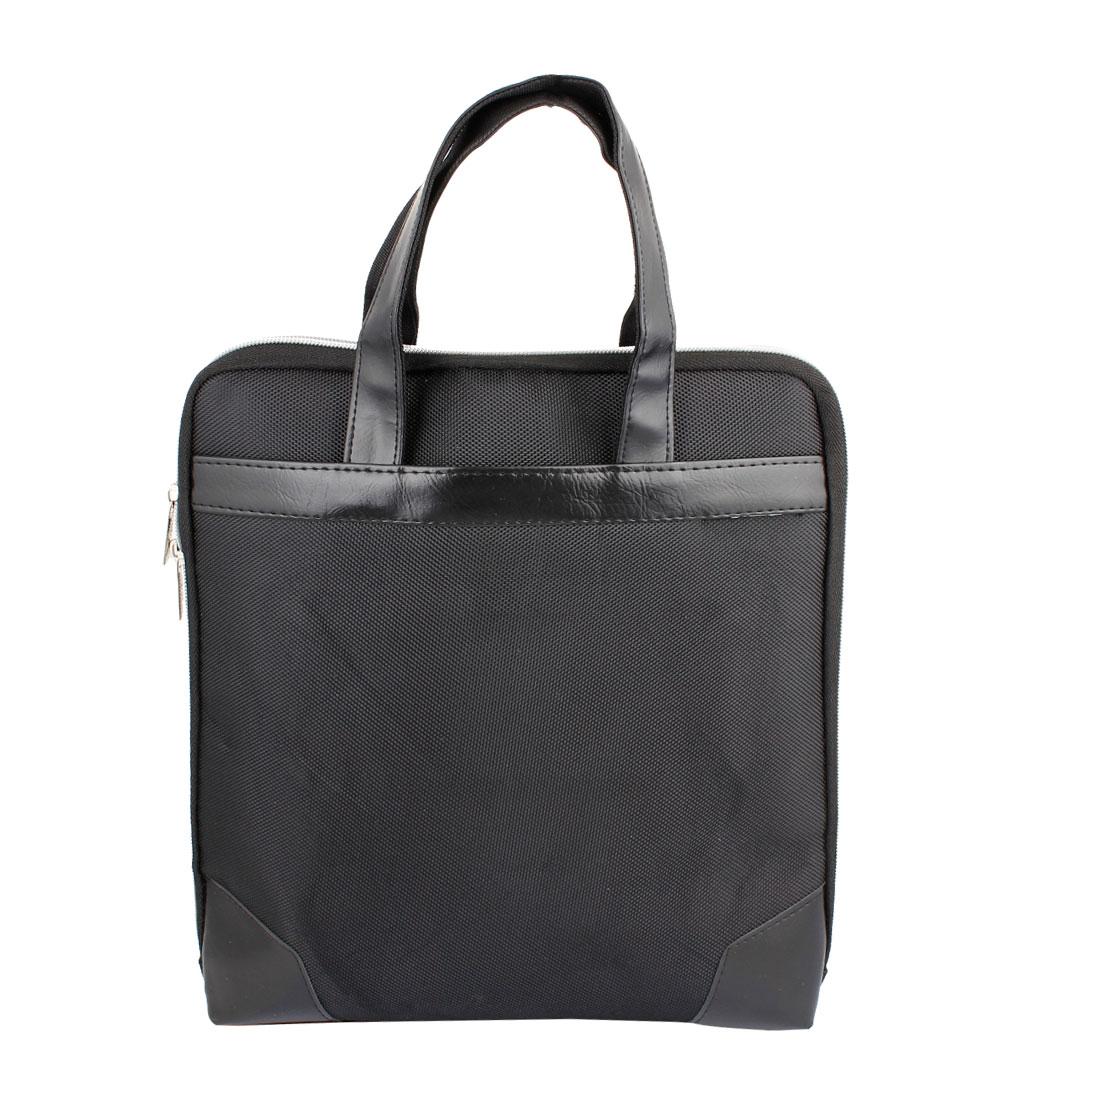 Black Nylon Pocket Laptop Holder Bag Hanging Case 34 x 32cm for Vehicle Car